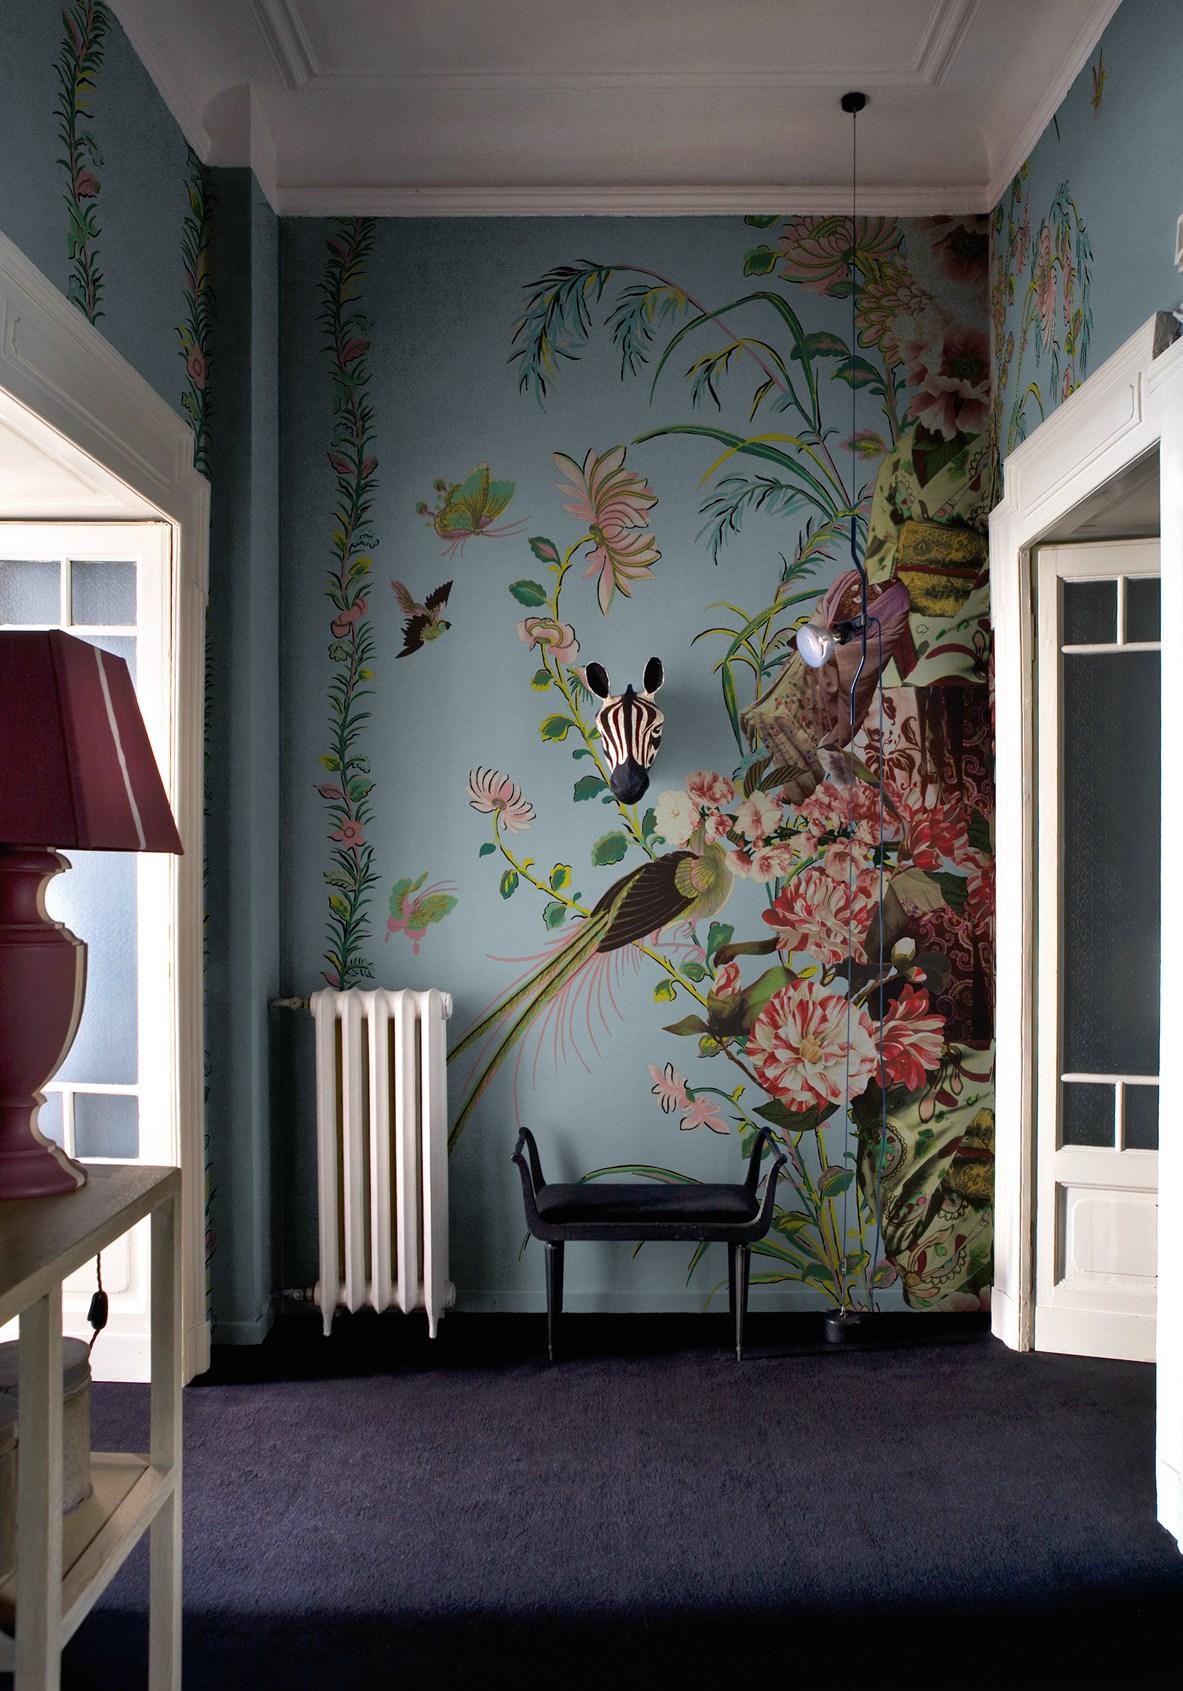 Rinnovare Pareti Di Casa 8 idee originali per rinnovare le pareti di casa - grazia.it